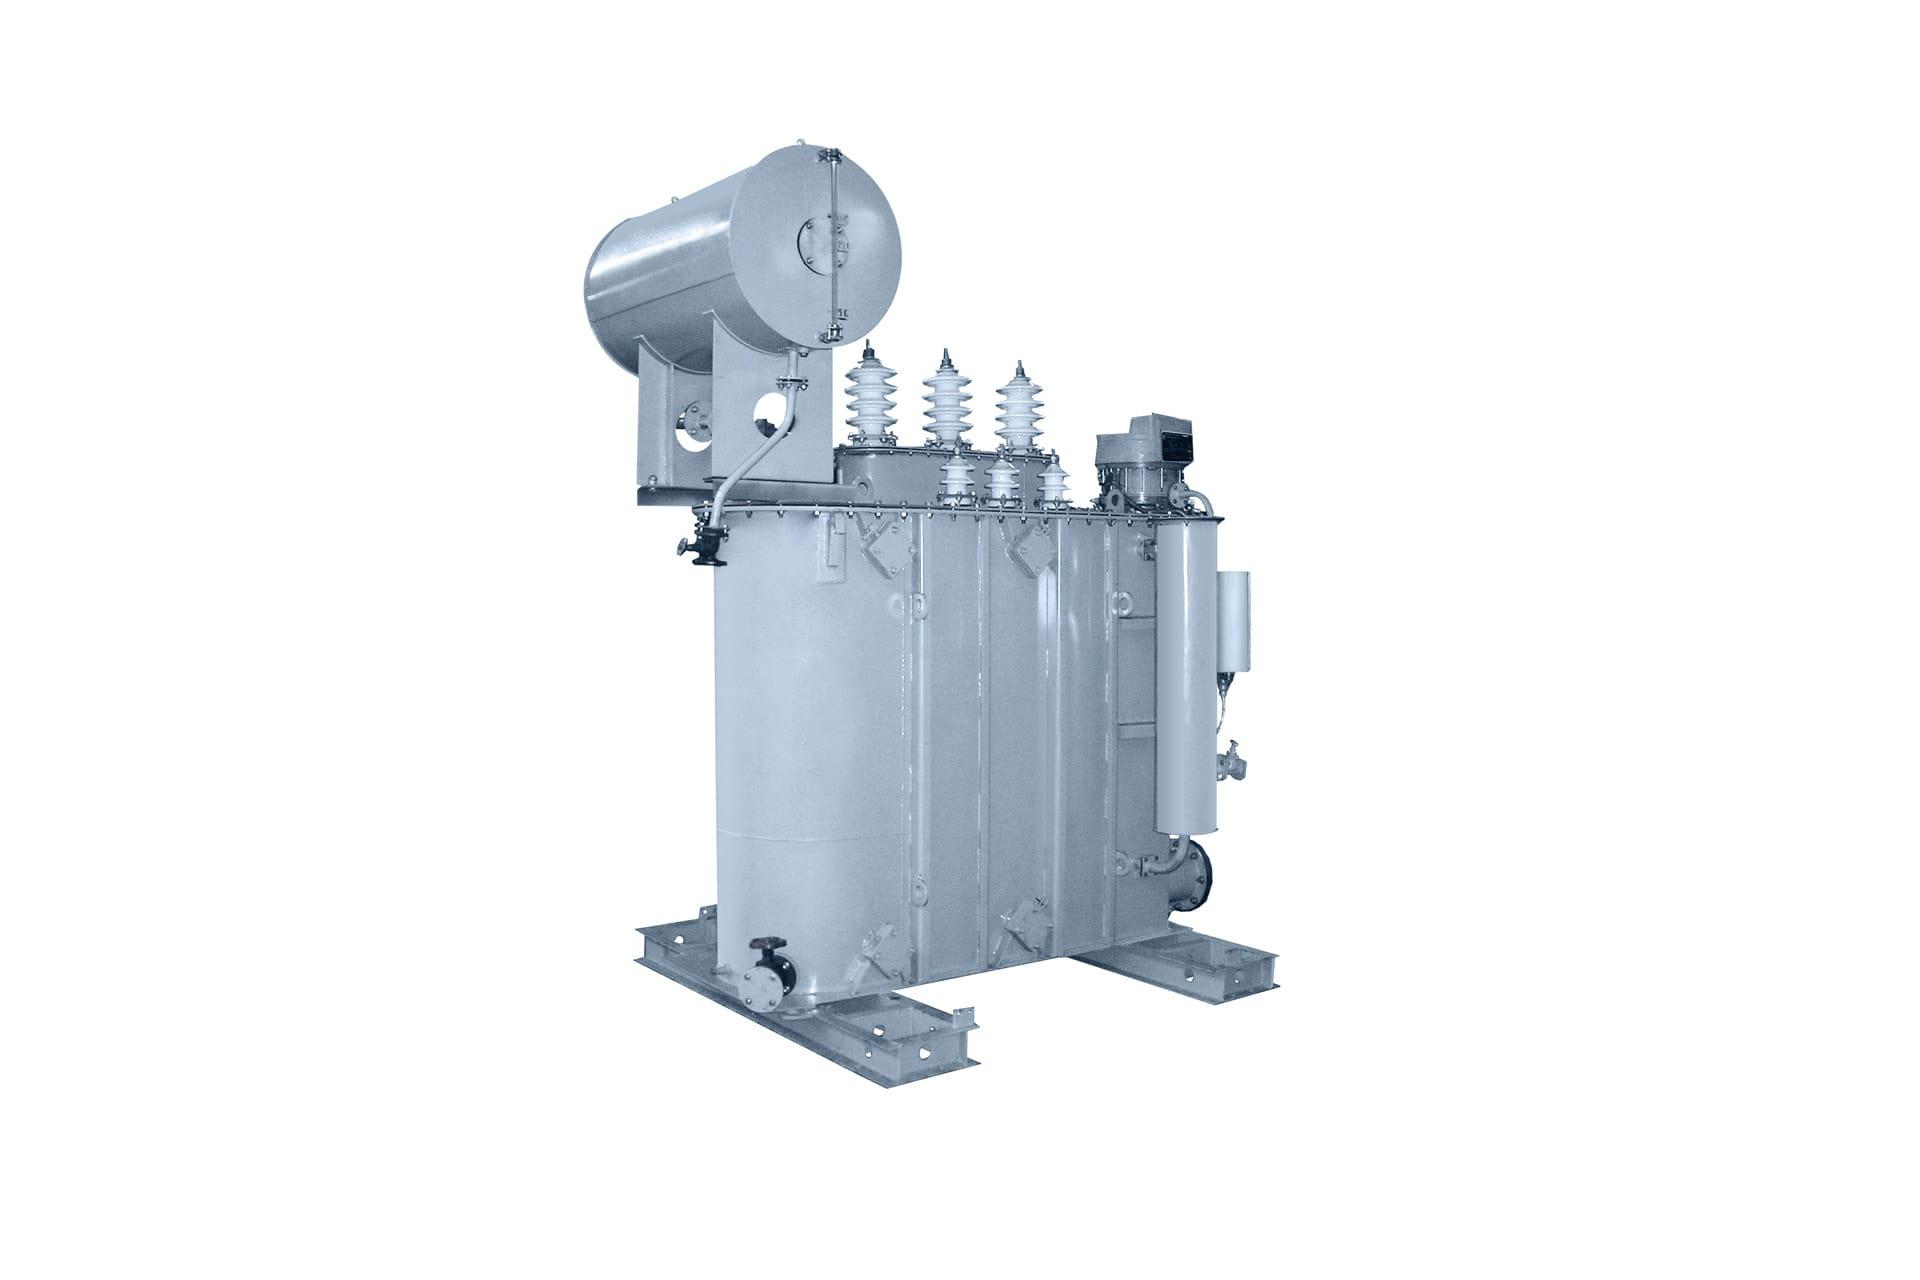 Ensons - Общий вид масляного трансформатора ТМН, ТМПН 35 кВ